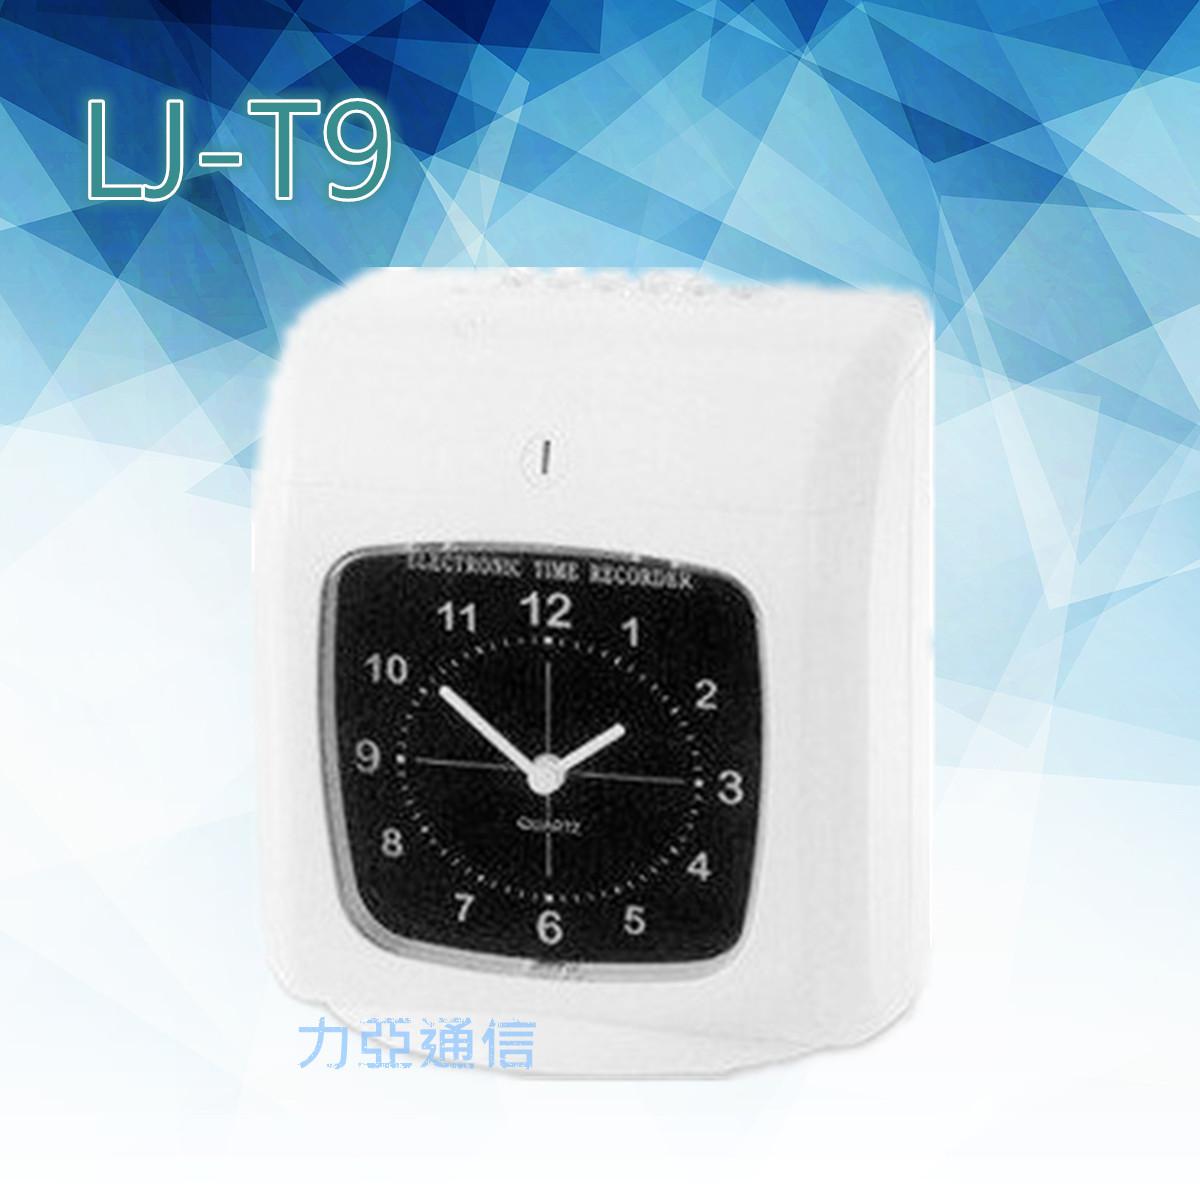 lj-t-9-_副本.jpg